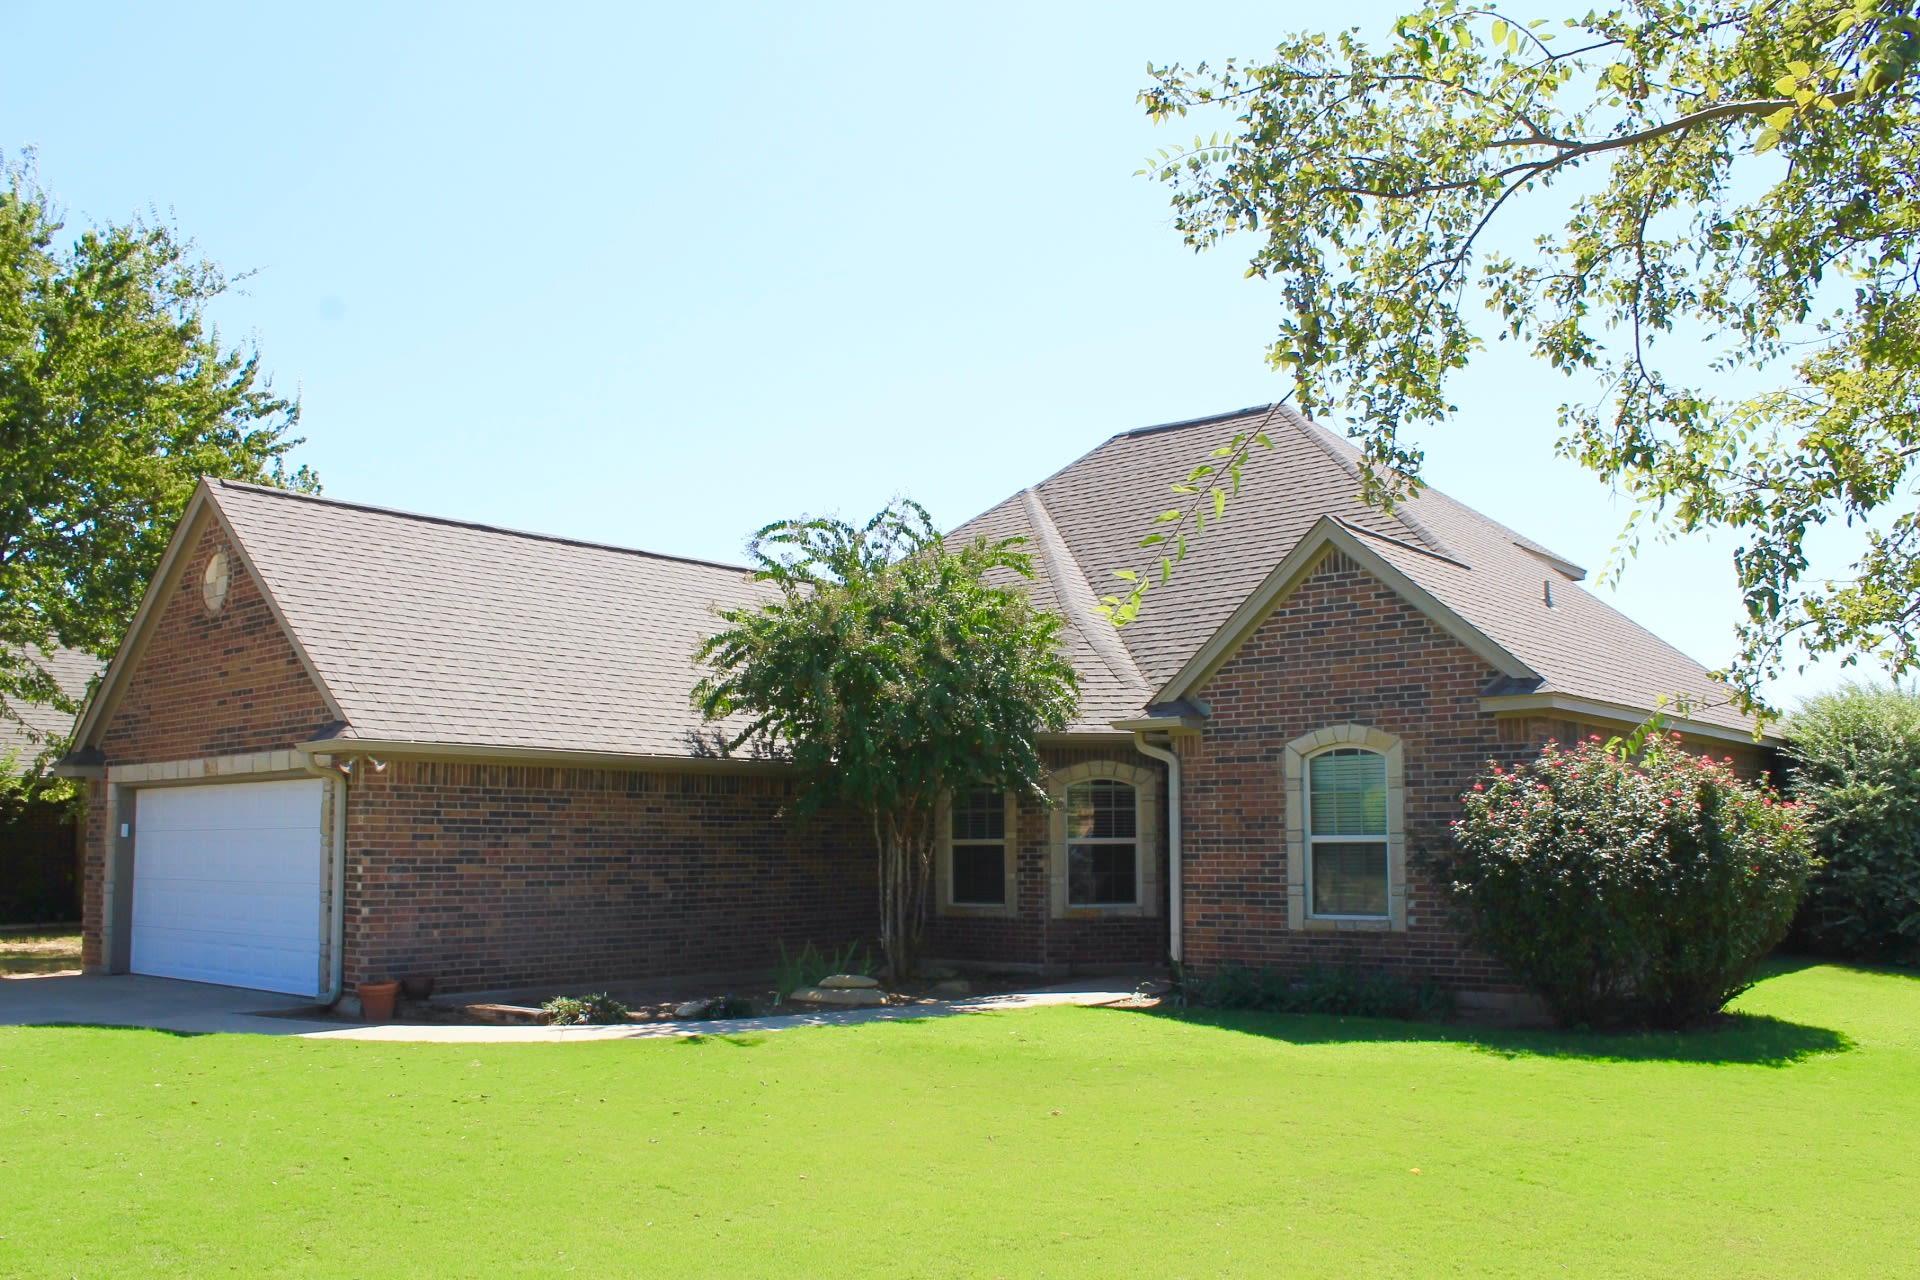 Homes for Sale In Elk Ridge